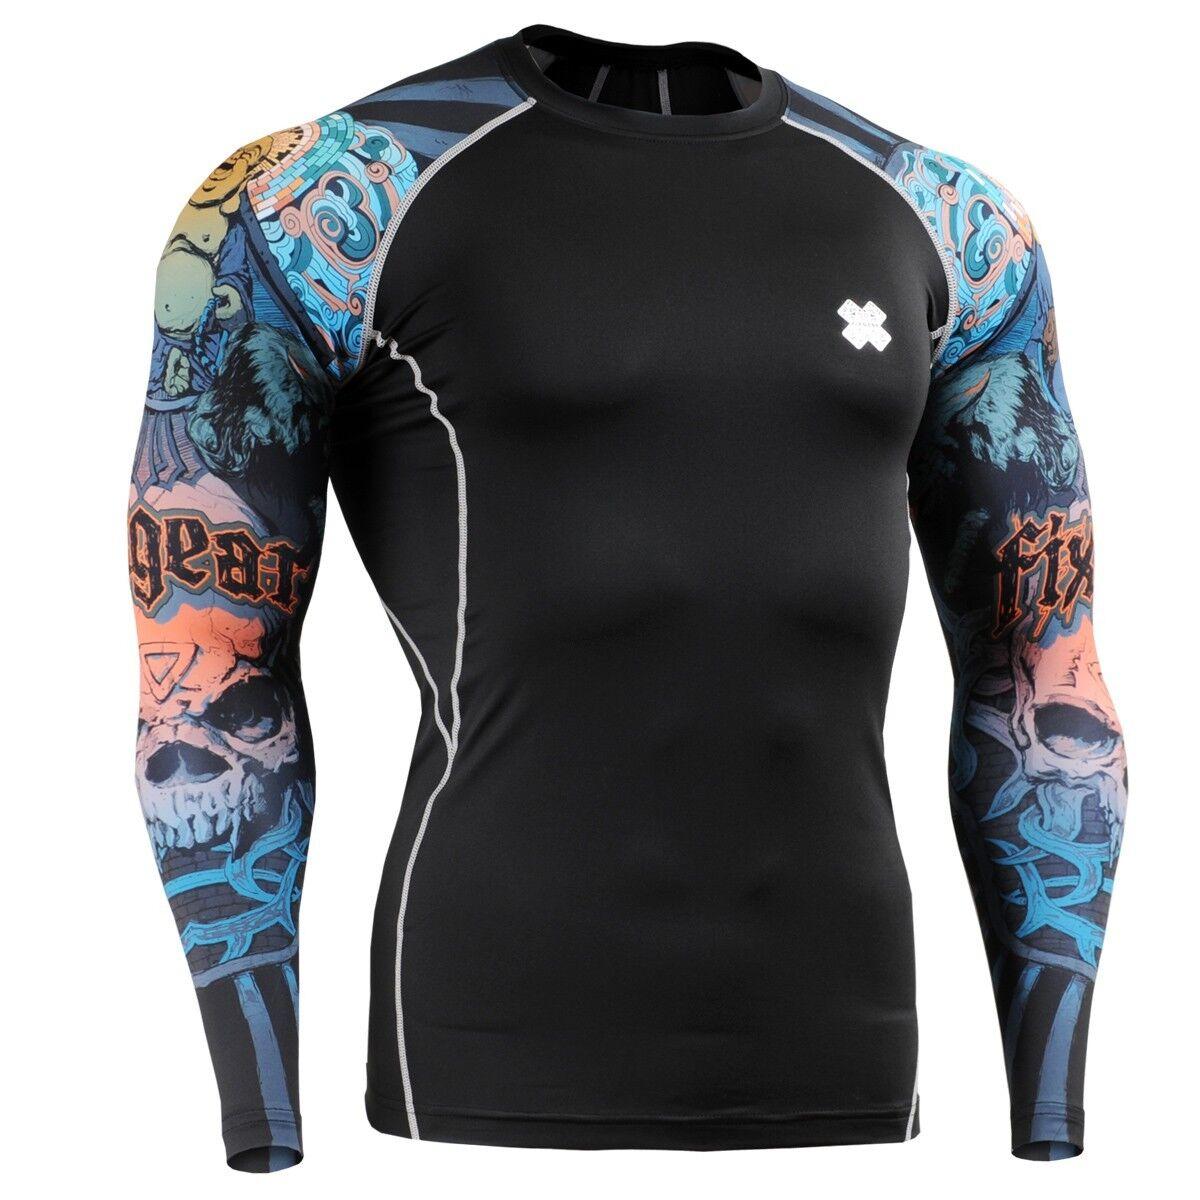 3f2db667475 FIXGEAR CPD-B74 Compression Base Layer Skin-tight Shirts Training Gym MMA